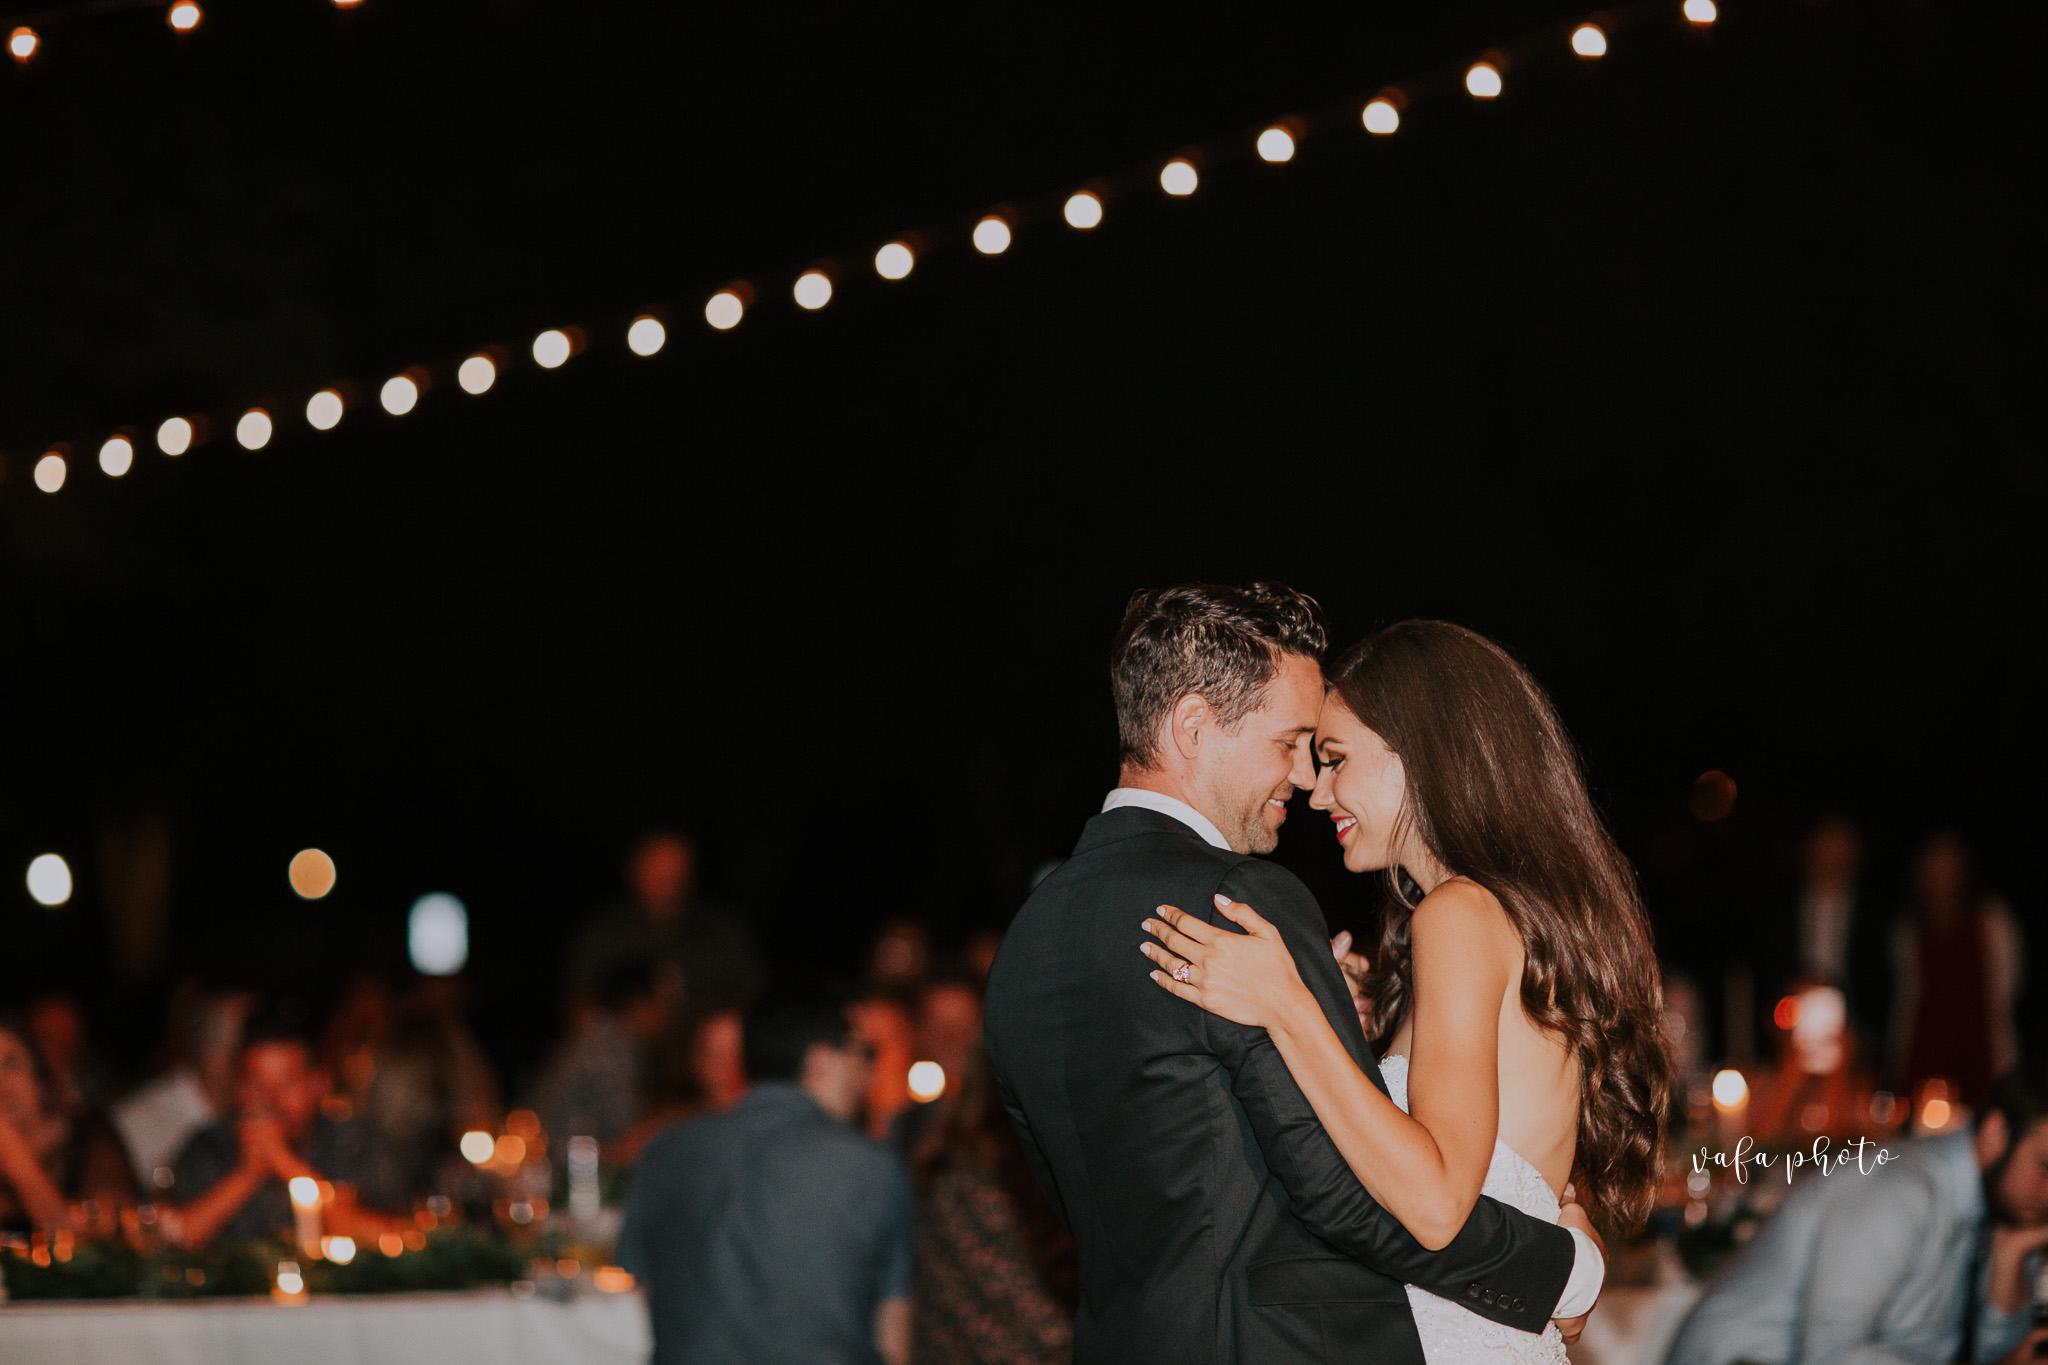 Southern-California-Wedding-Britt-Nilsson-Jeremy-Byrne-Vafa-Photo-887.jpg